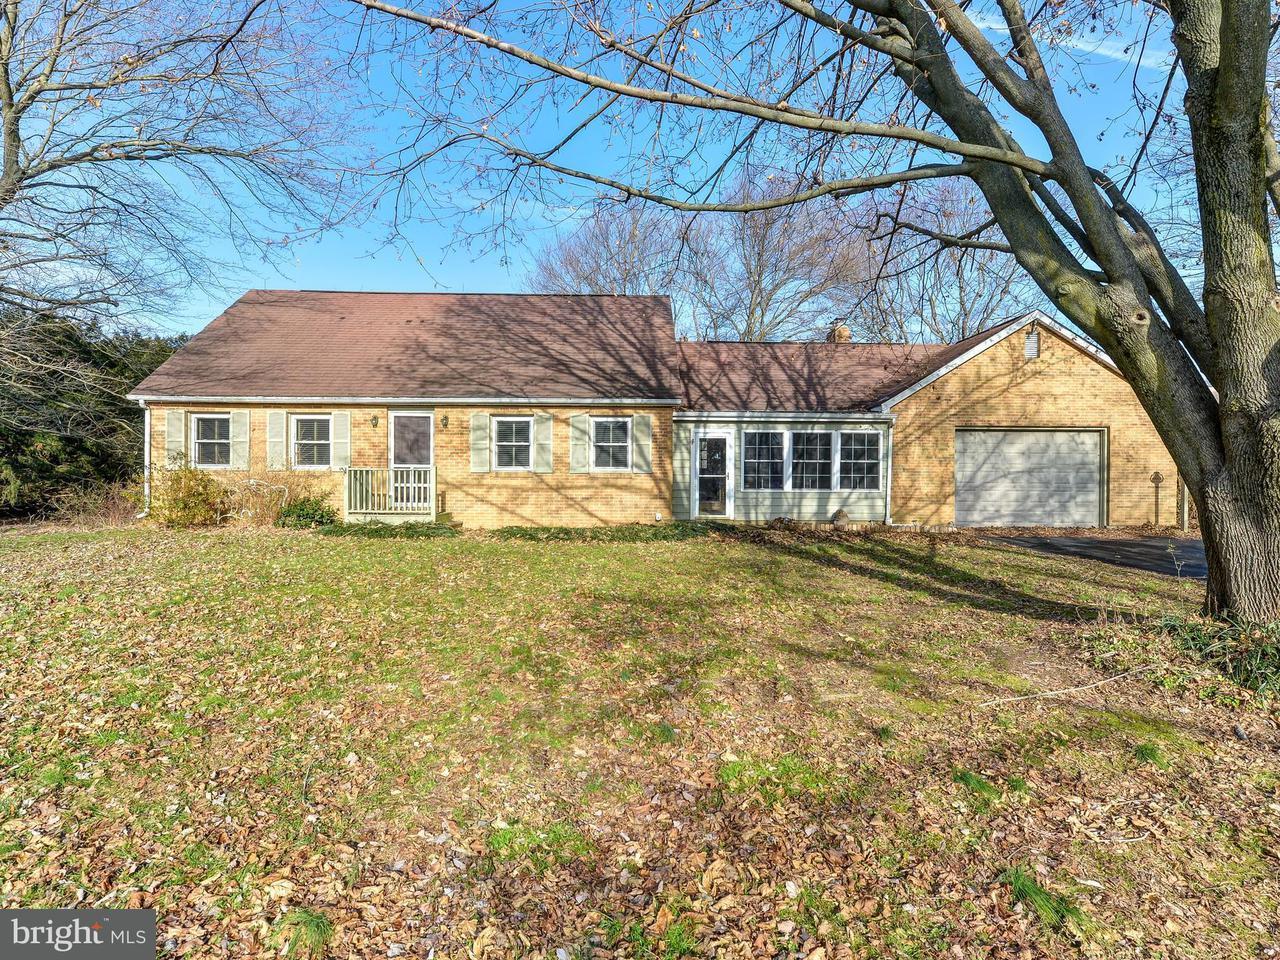 Частный односемейный дом для того Продажа на 313 Mcgrady Road 313 Mcgrady Road Rising Sun, Мэриленд 21911 Соединенные Штаты